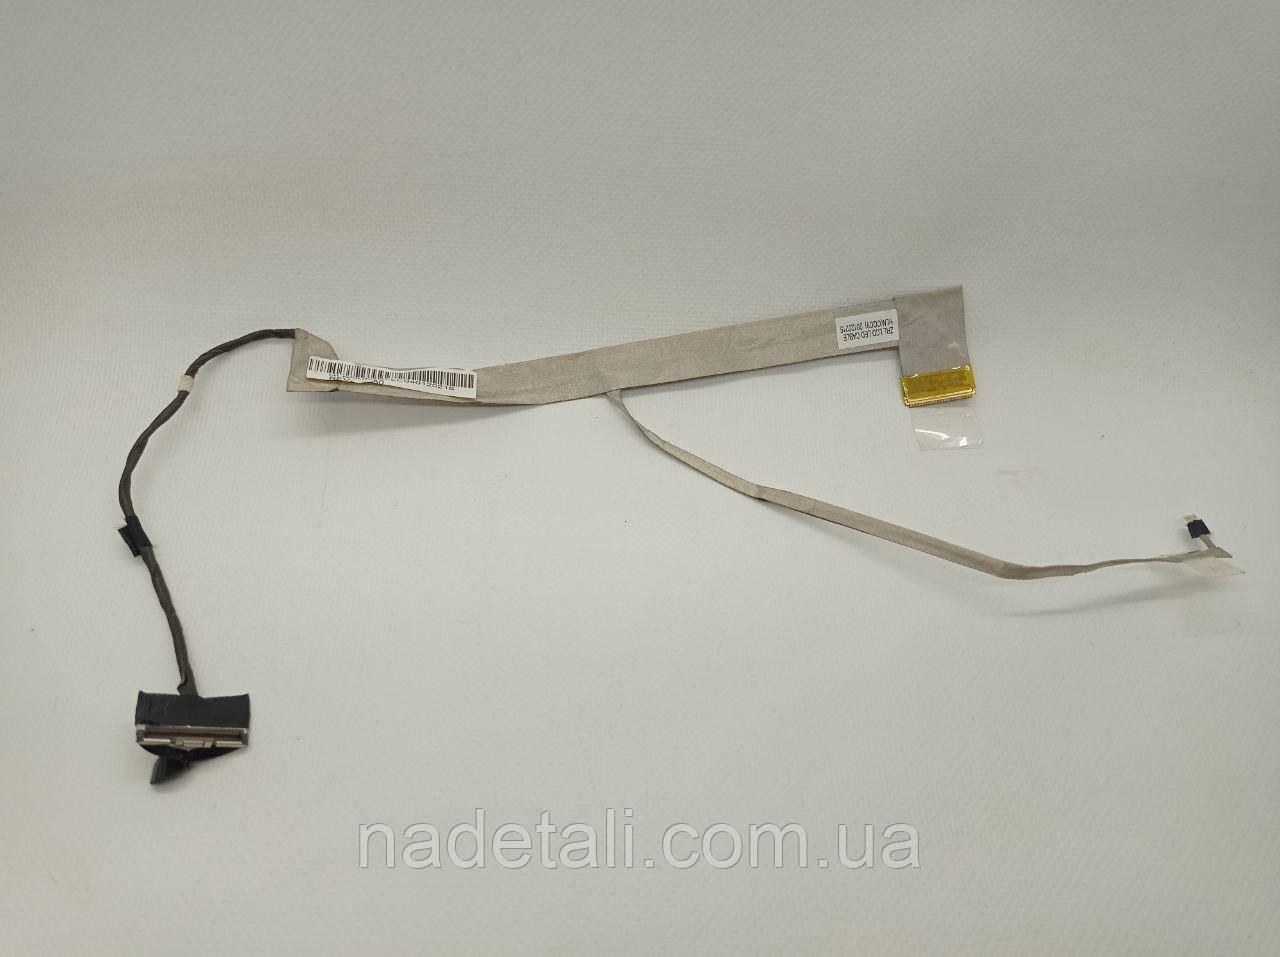 Шлейф матрицы  Acer Aspire 5349 HLNDD0ZRLLC04012